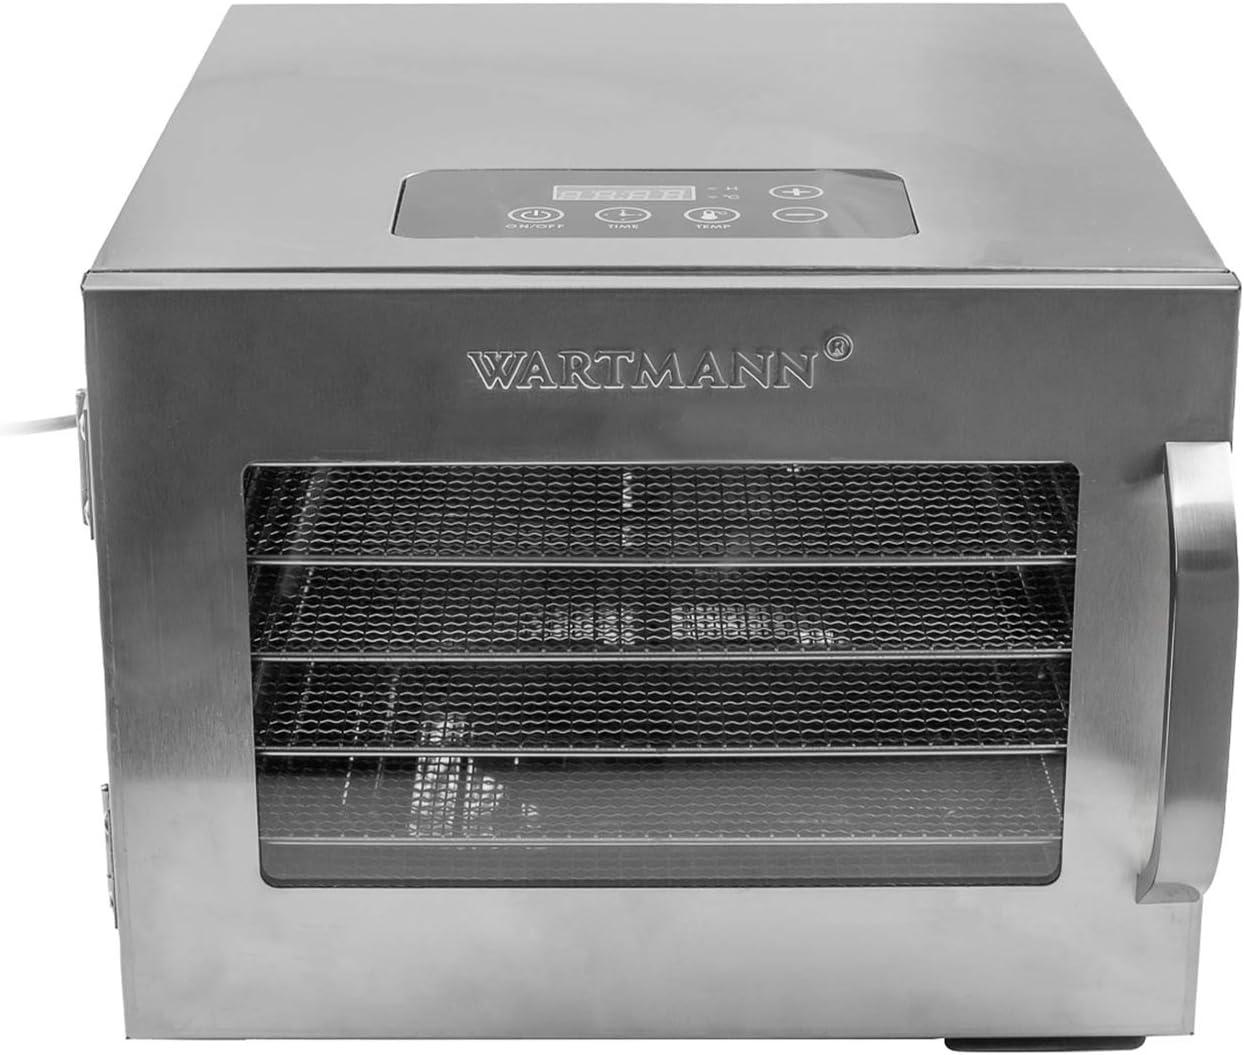 Wartmann Dörrautomat WM1902 DH Edelstahl Dörrgerät mit Timer NEU und UNBENUTZT